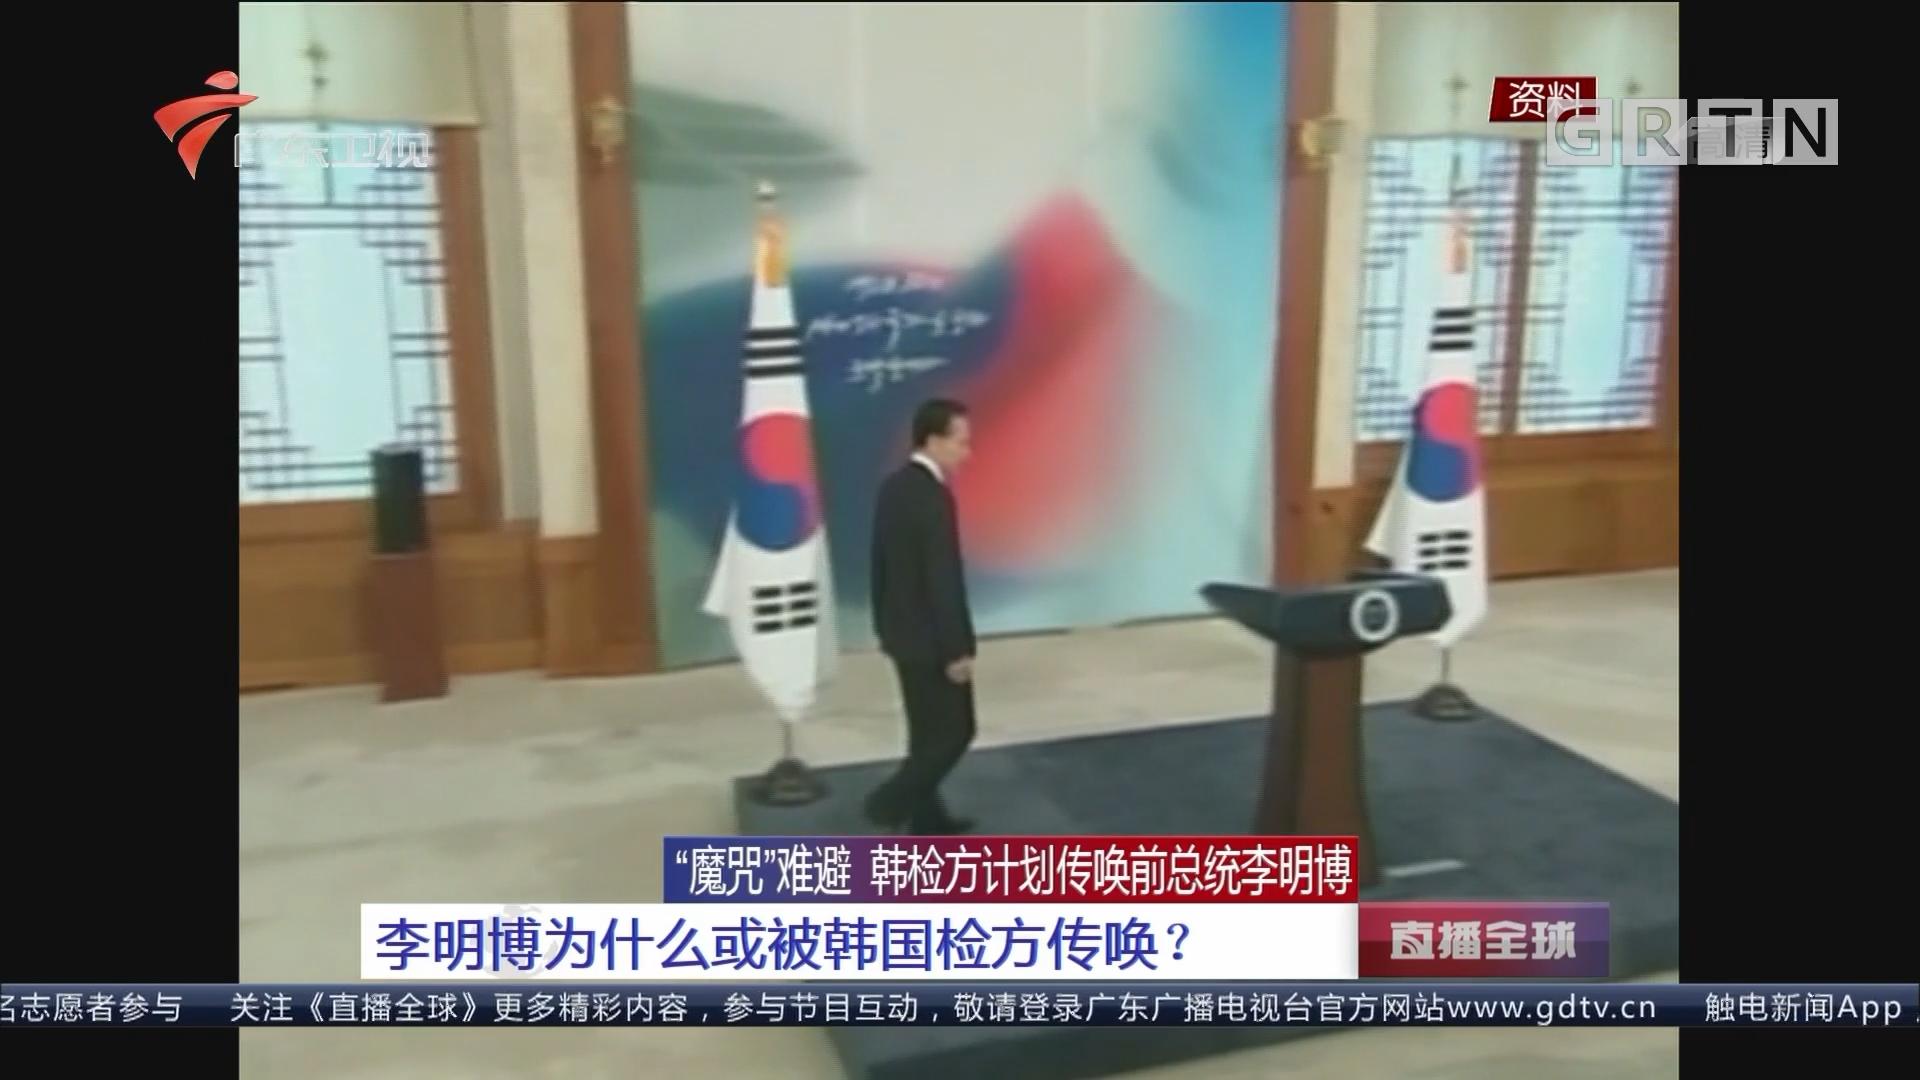 """""""魔咒""""难避 韩检方计划传唤前总统李明博:李明博为什么或被韩国检方传唤?"""